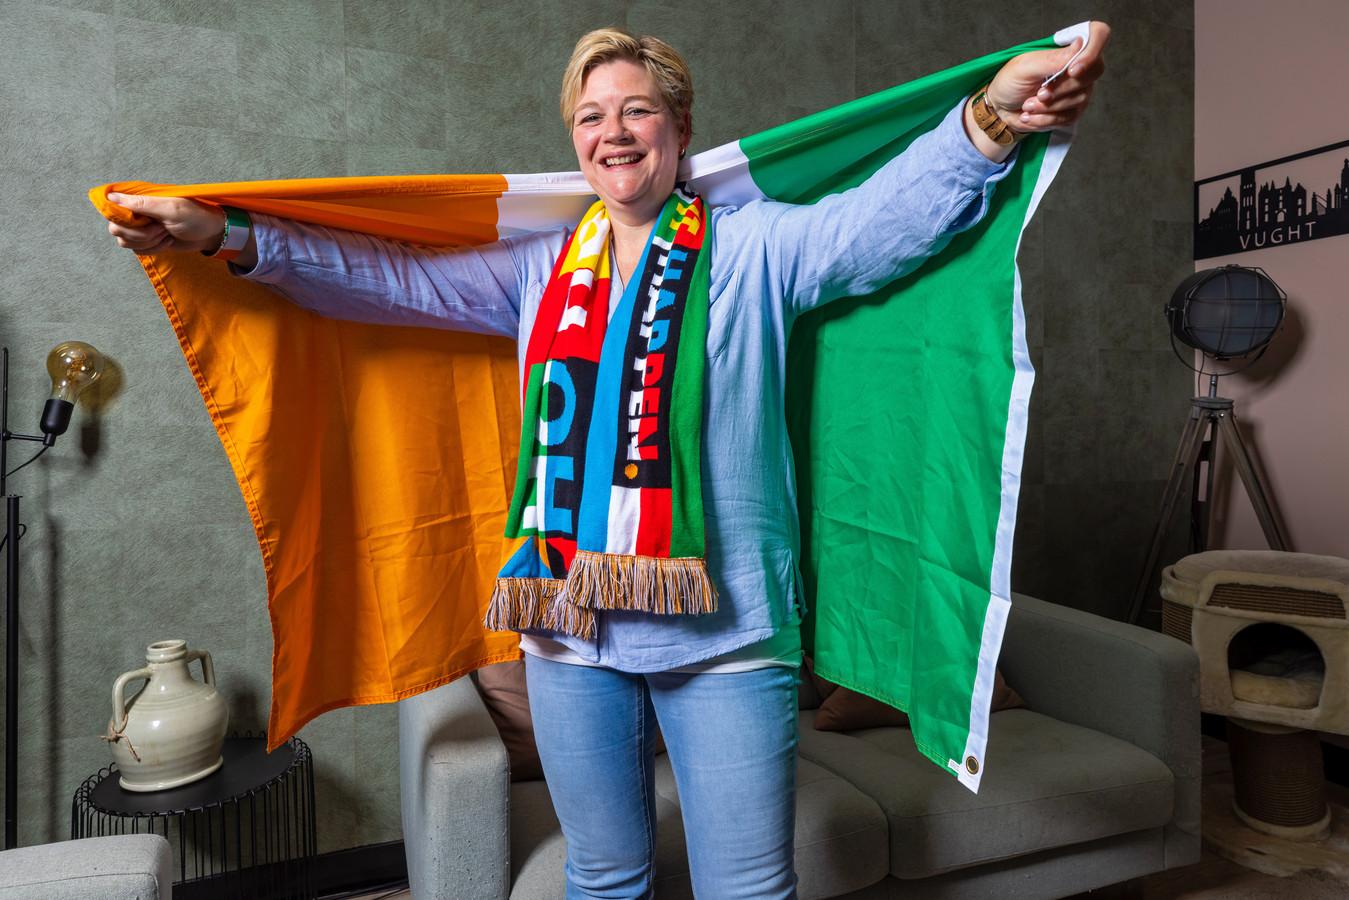 Marie-Louise Broess uit Vught, Delegation Host van Ierland bij het Eurovisie Songfestival.